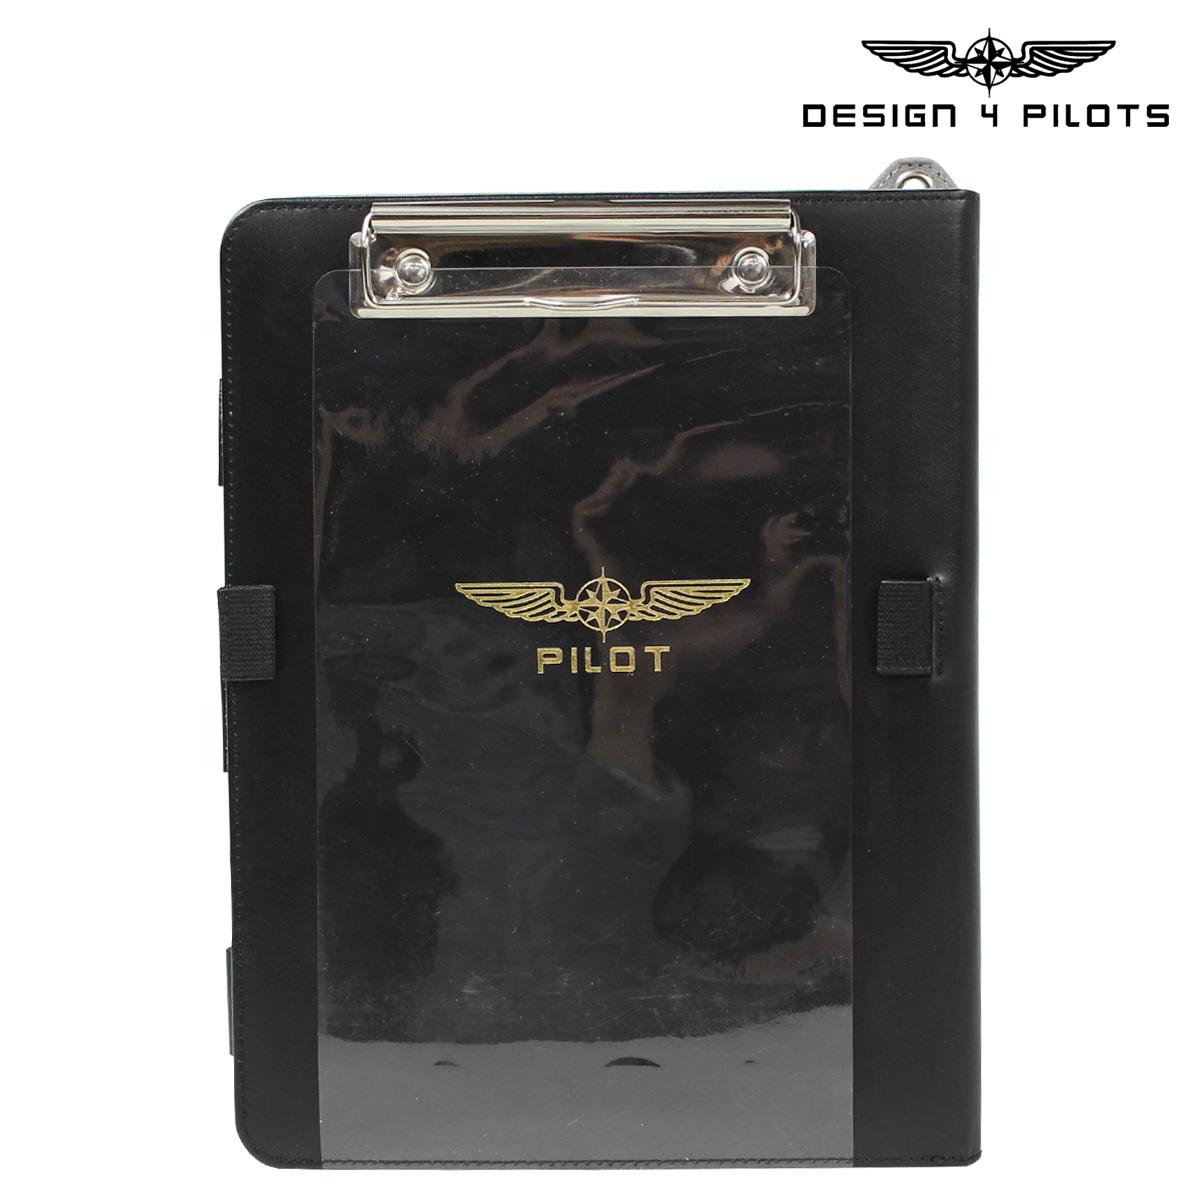 DESIGN 4 PILOTS デザイン4パイロッツ iPad ケース メモ帳 ニーボード ブラック I-PILOT 飛行機 パイロットグッズ メンズ